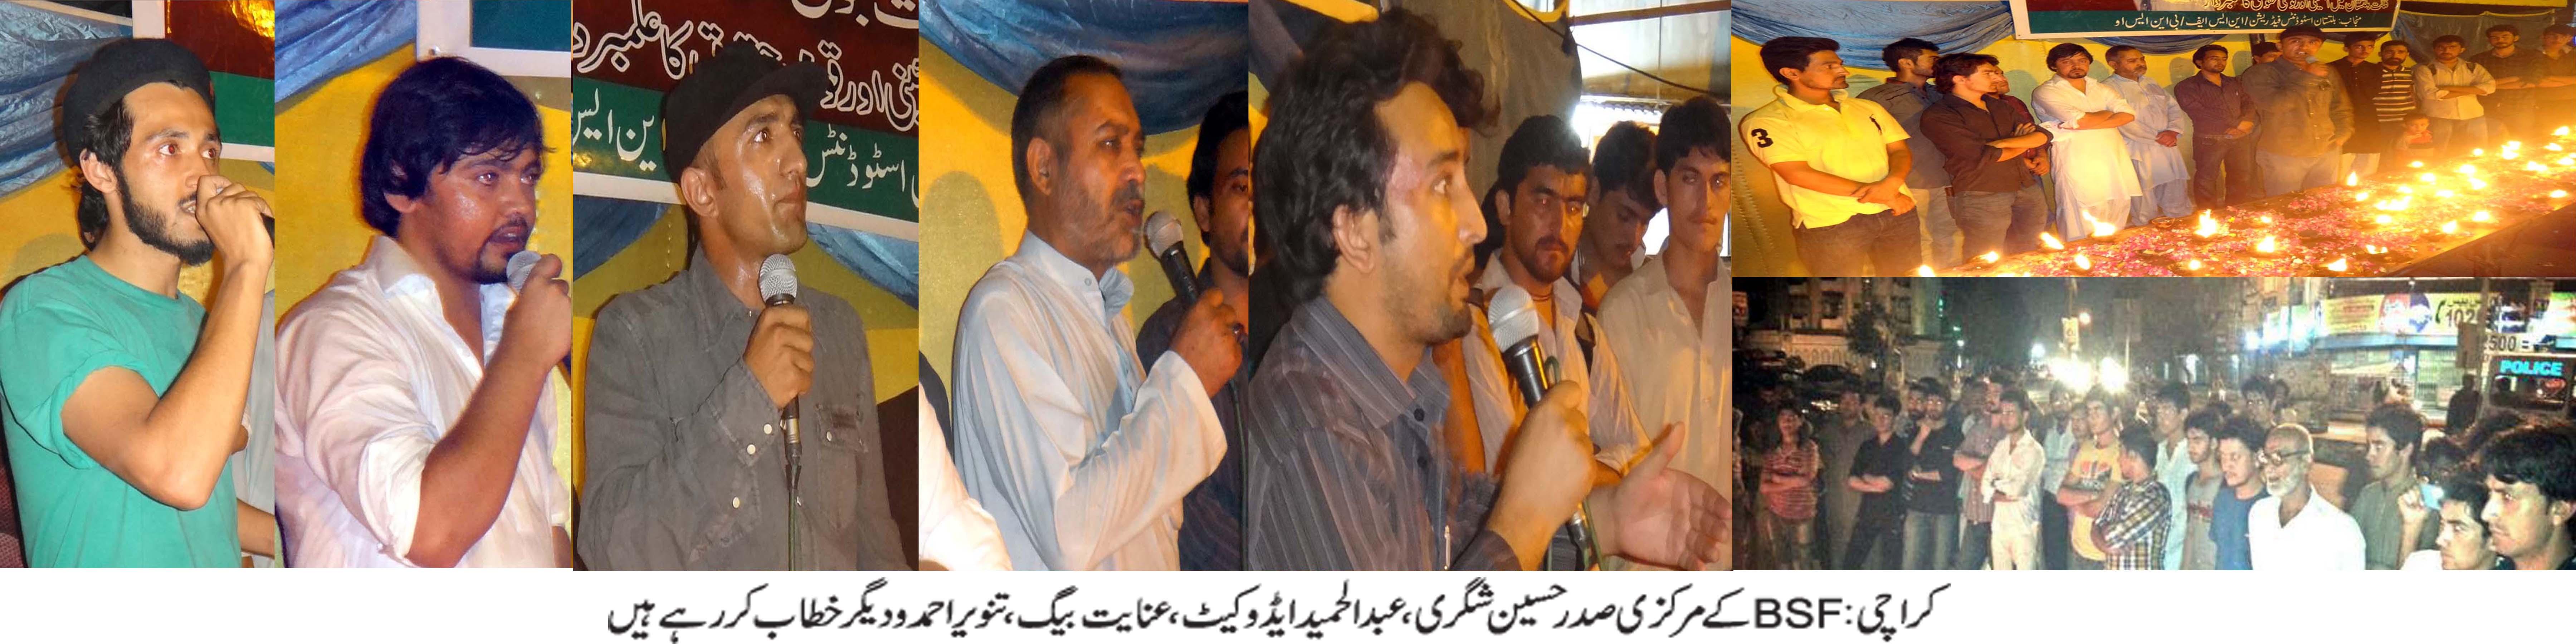 کراچی، بلتستان سٹوڈنٹس فیڈریشن کے زیر اہتمام سید حیدر شاہ رضوی کی یاد میں تعزیتی اور احتجاجی پروگرام منعقد